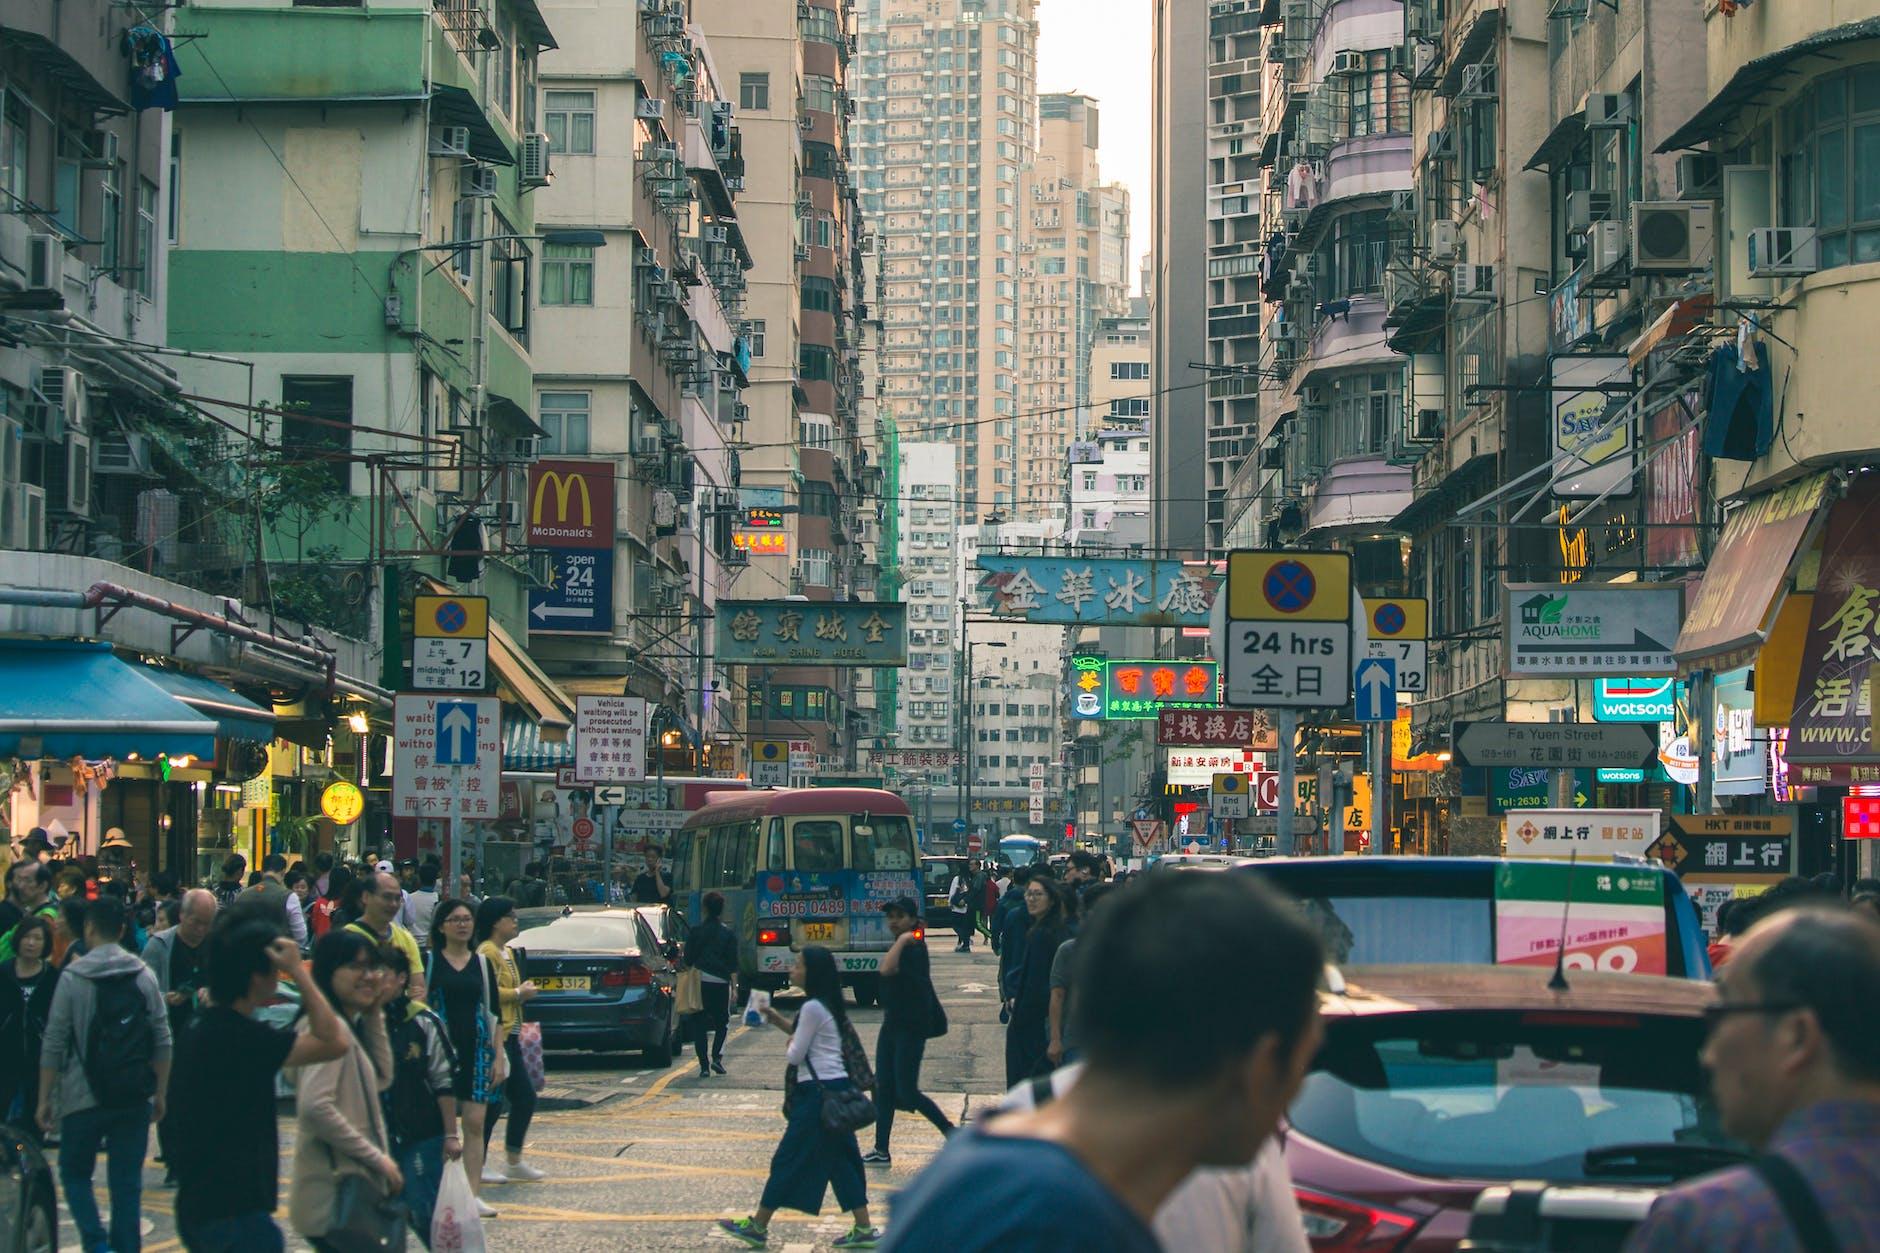 people on road between buildings